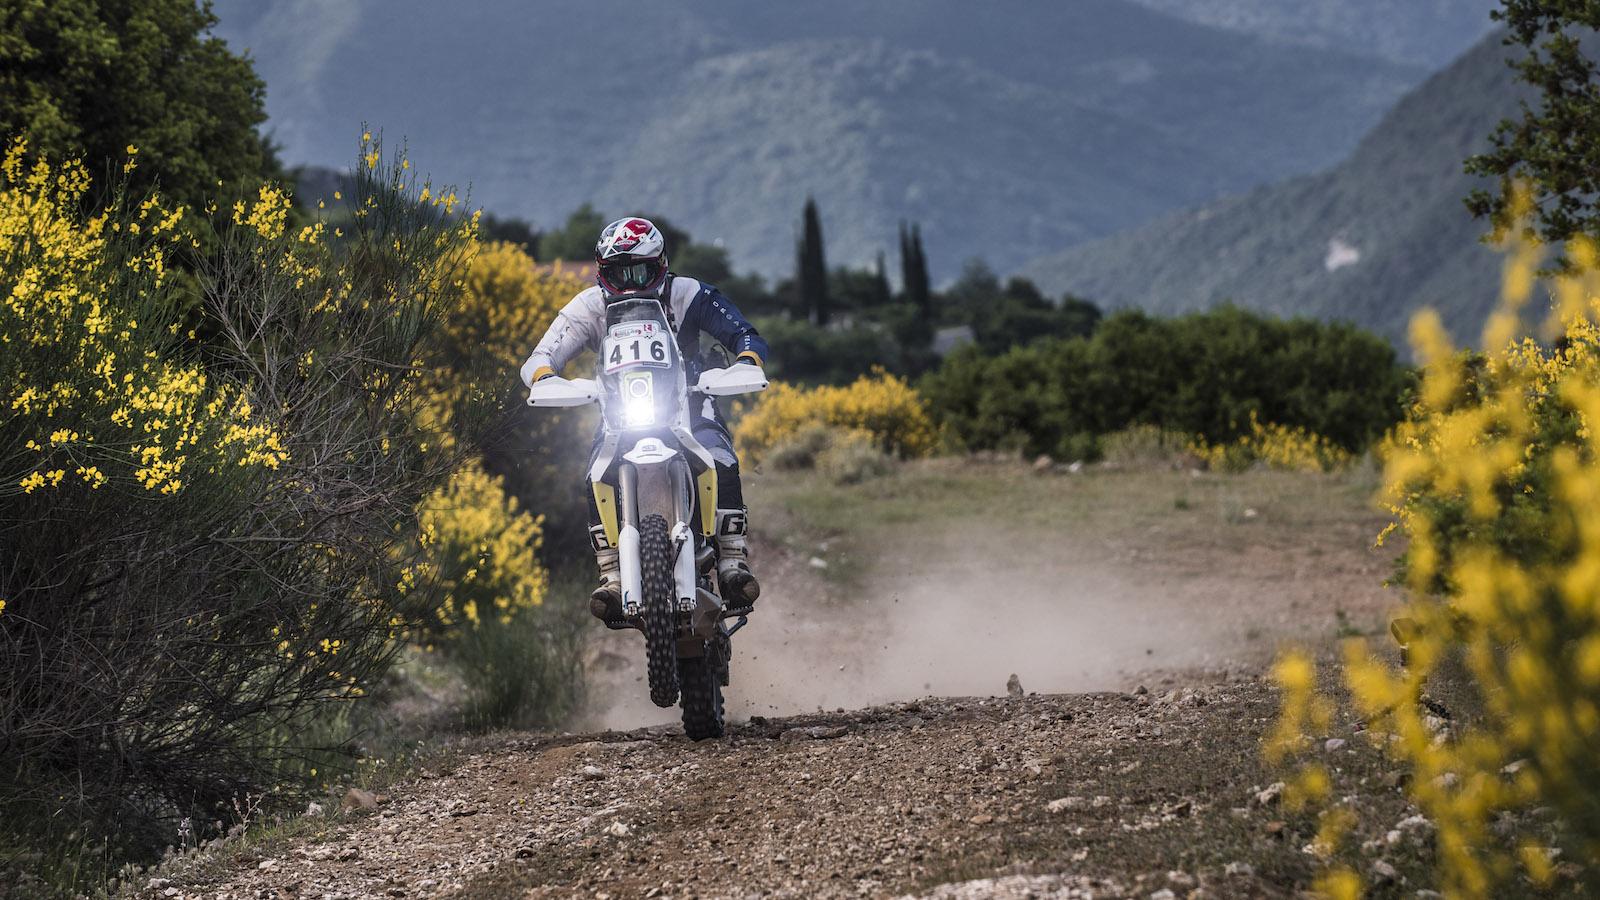 Závodník na enduro motocyklu KTM při rallye